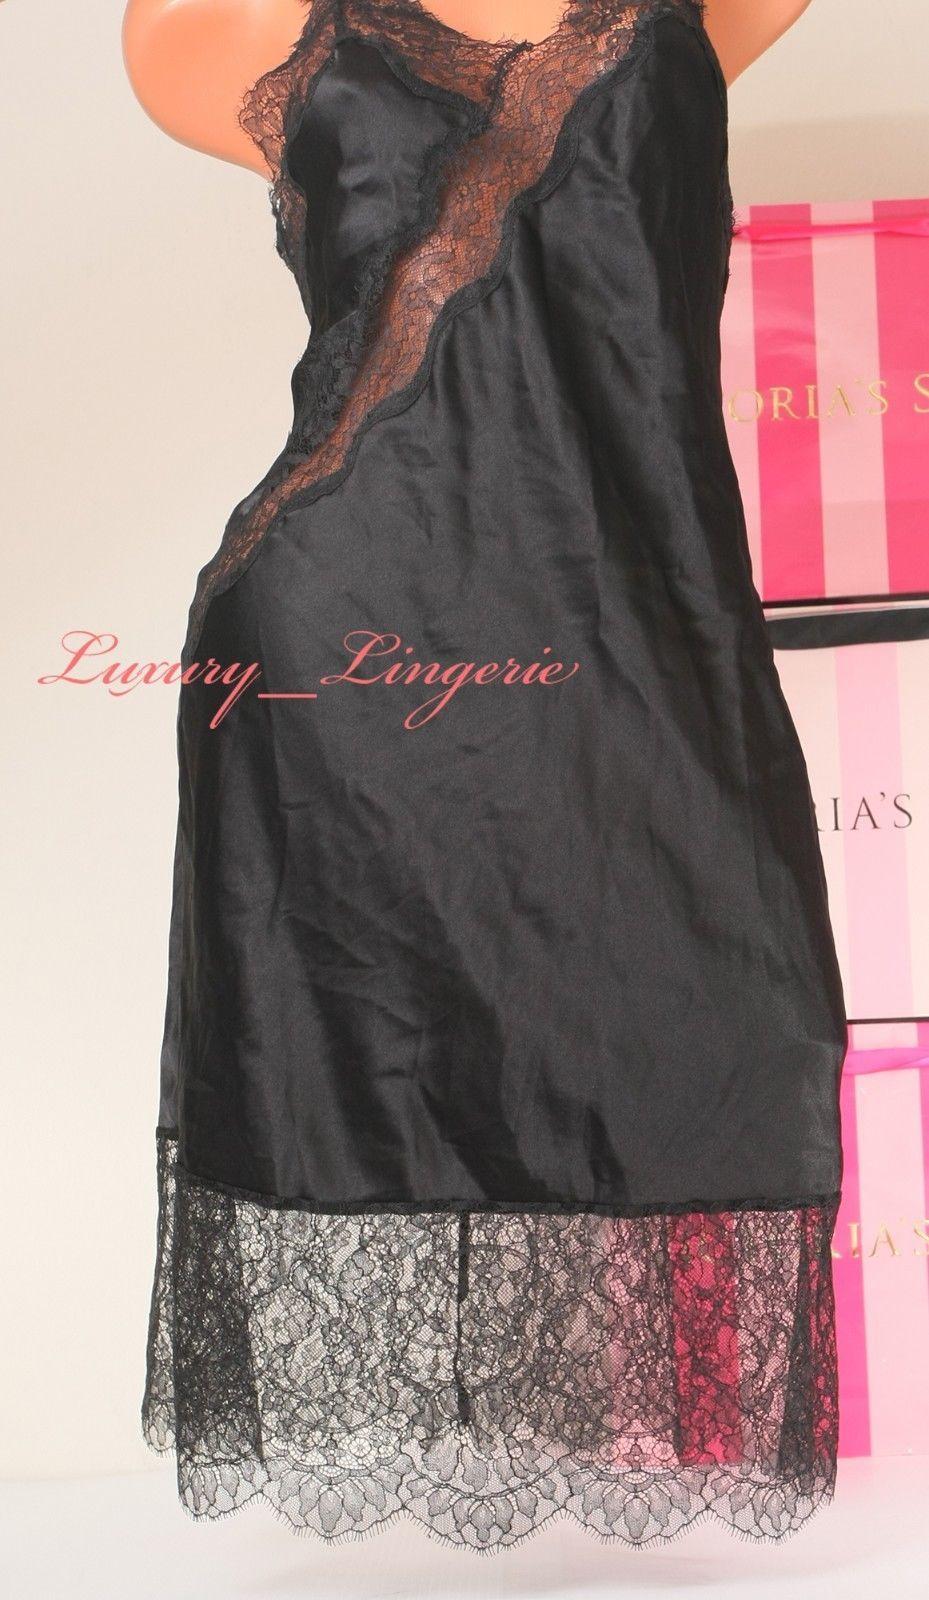 745246d9f17 Vs Victoria s Secret Lingerie Slip Chemise and 50 similar items